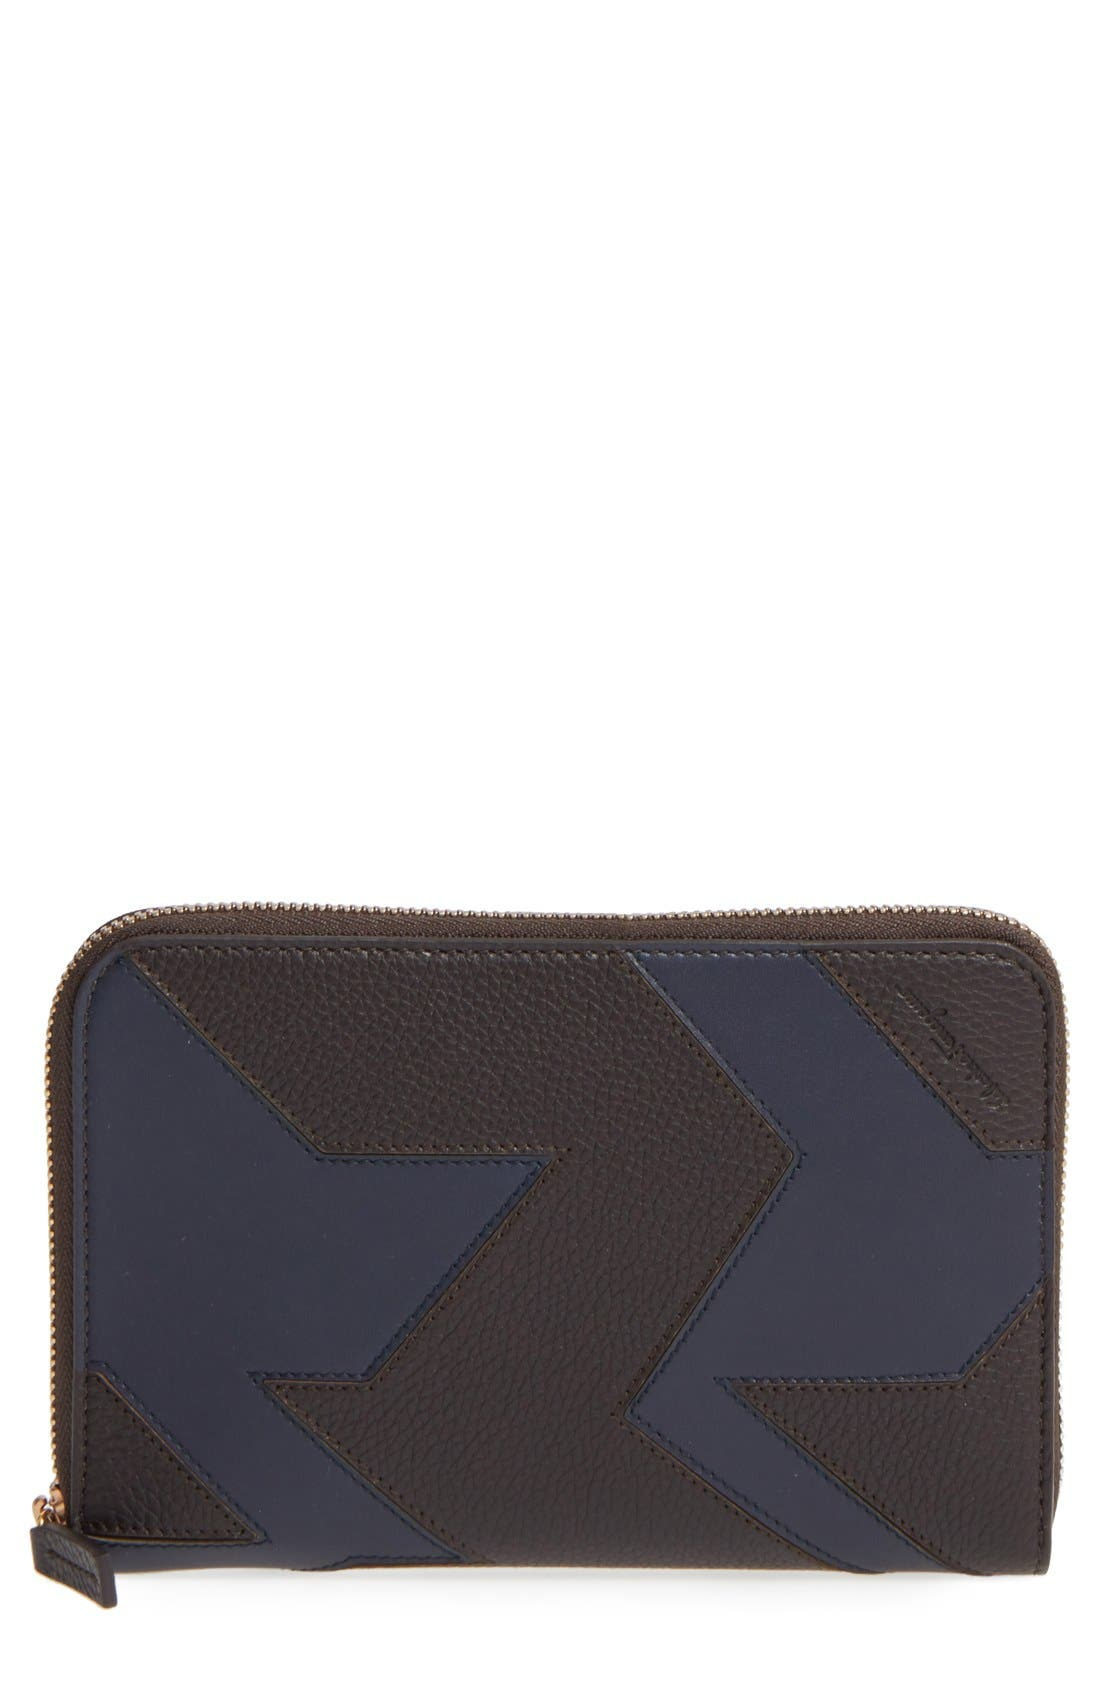 Main Image - Salvatore Ferragamo Zip Wallet